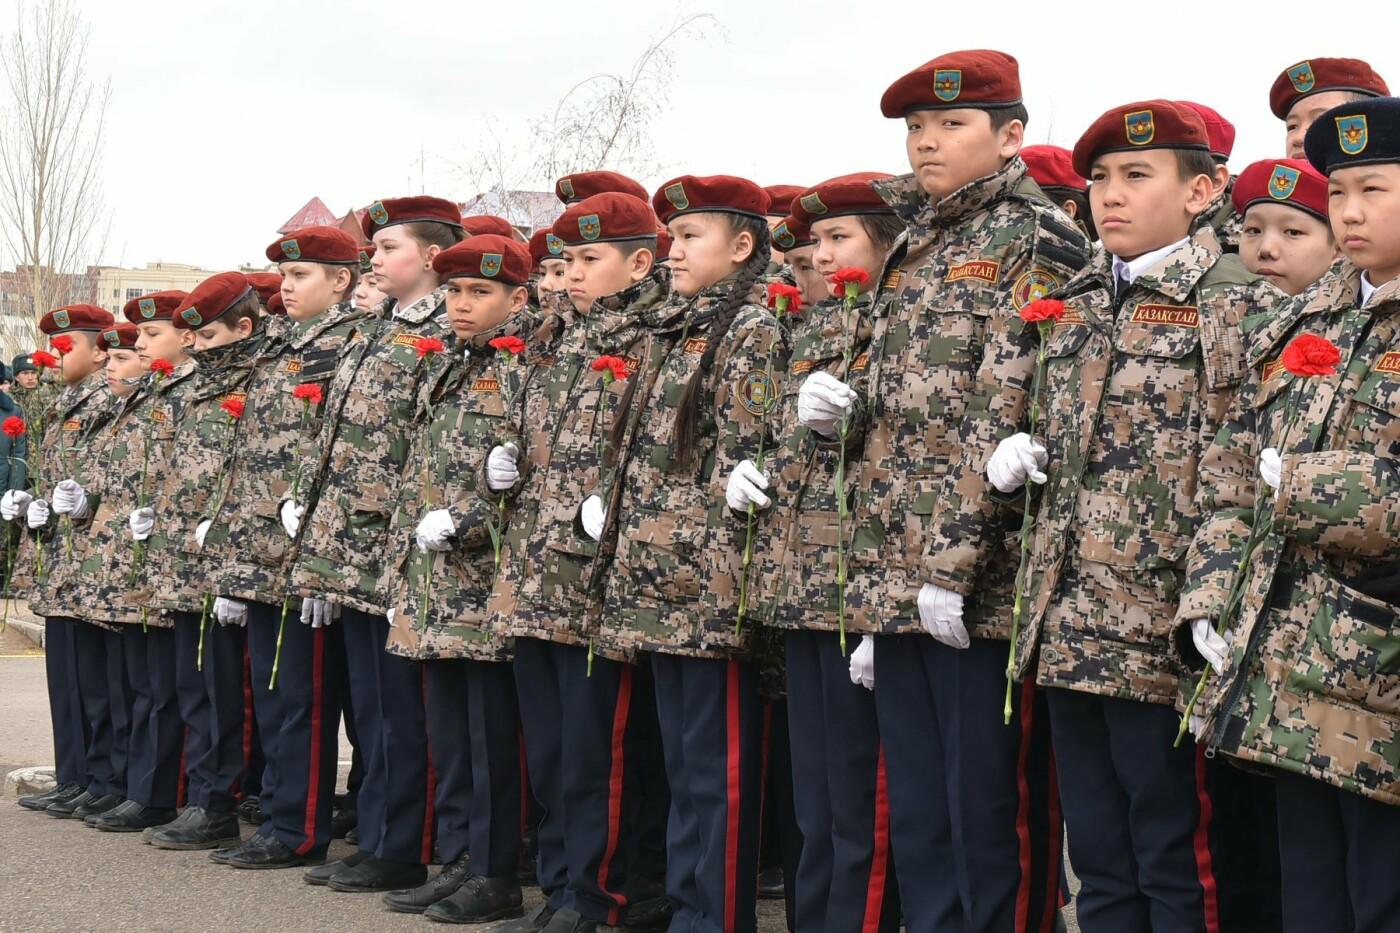 В Казахстане снимут фильм и сериал о подвиге военнослужащих республики, фото-4